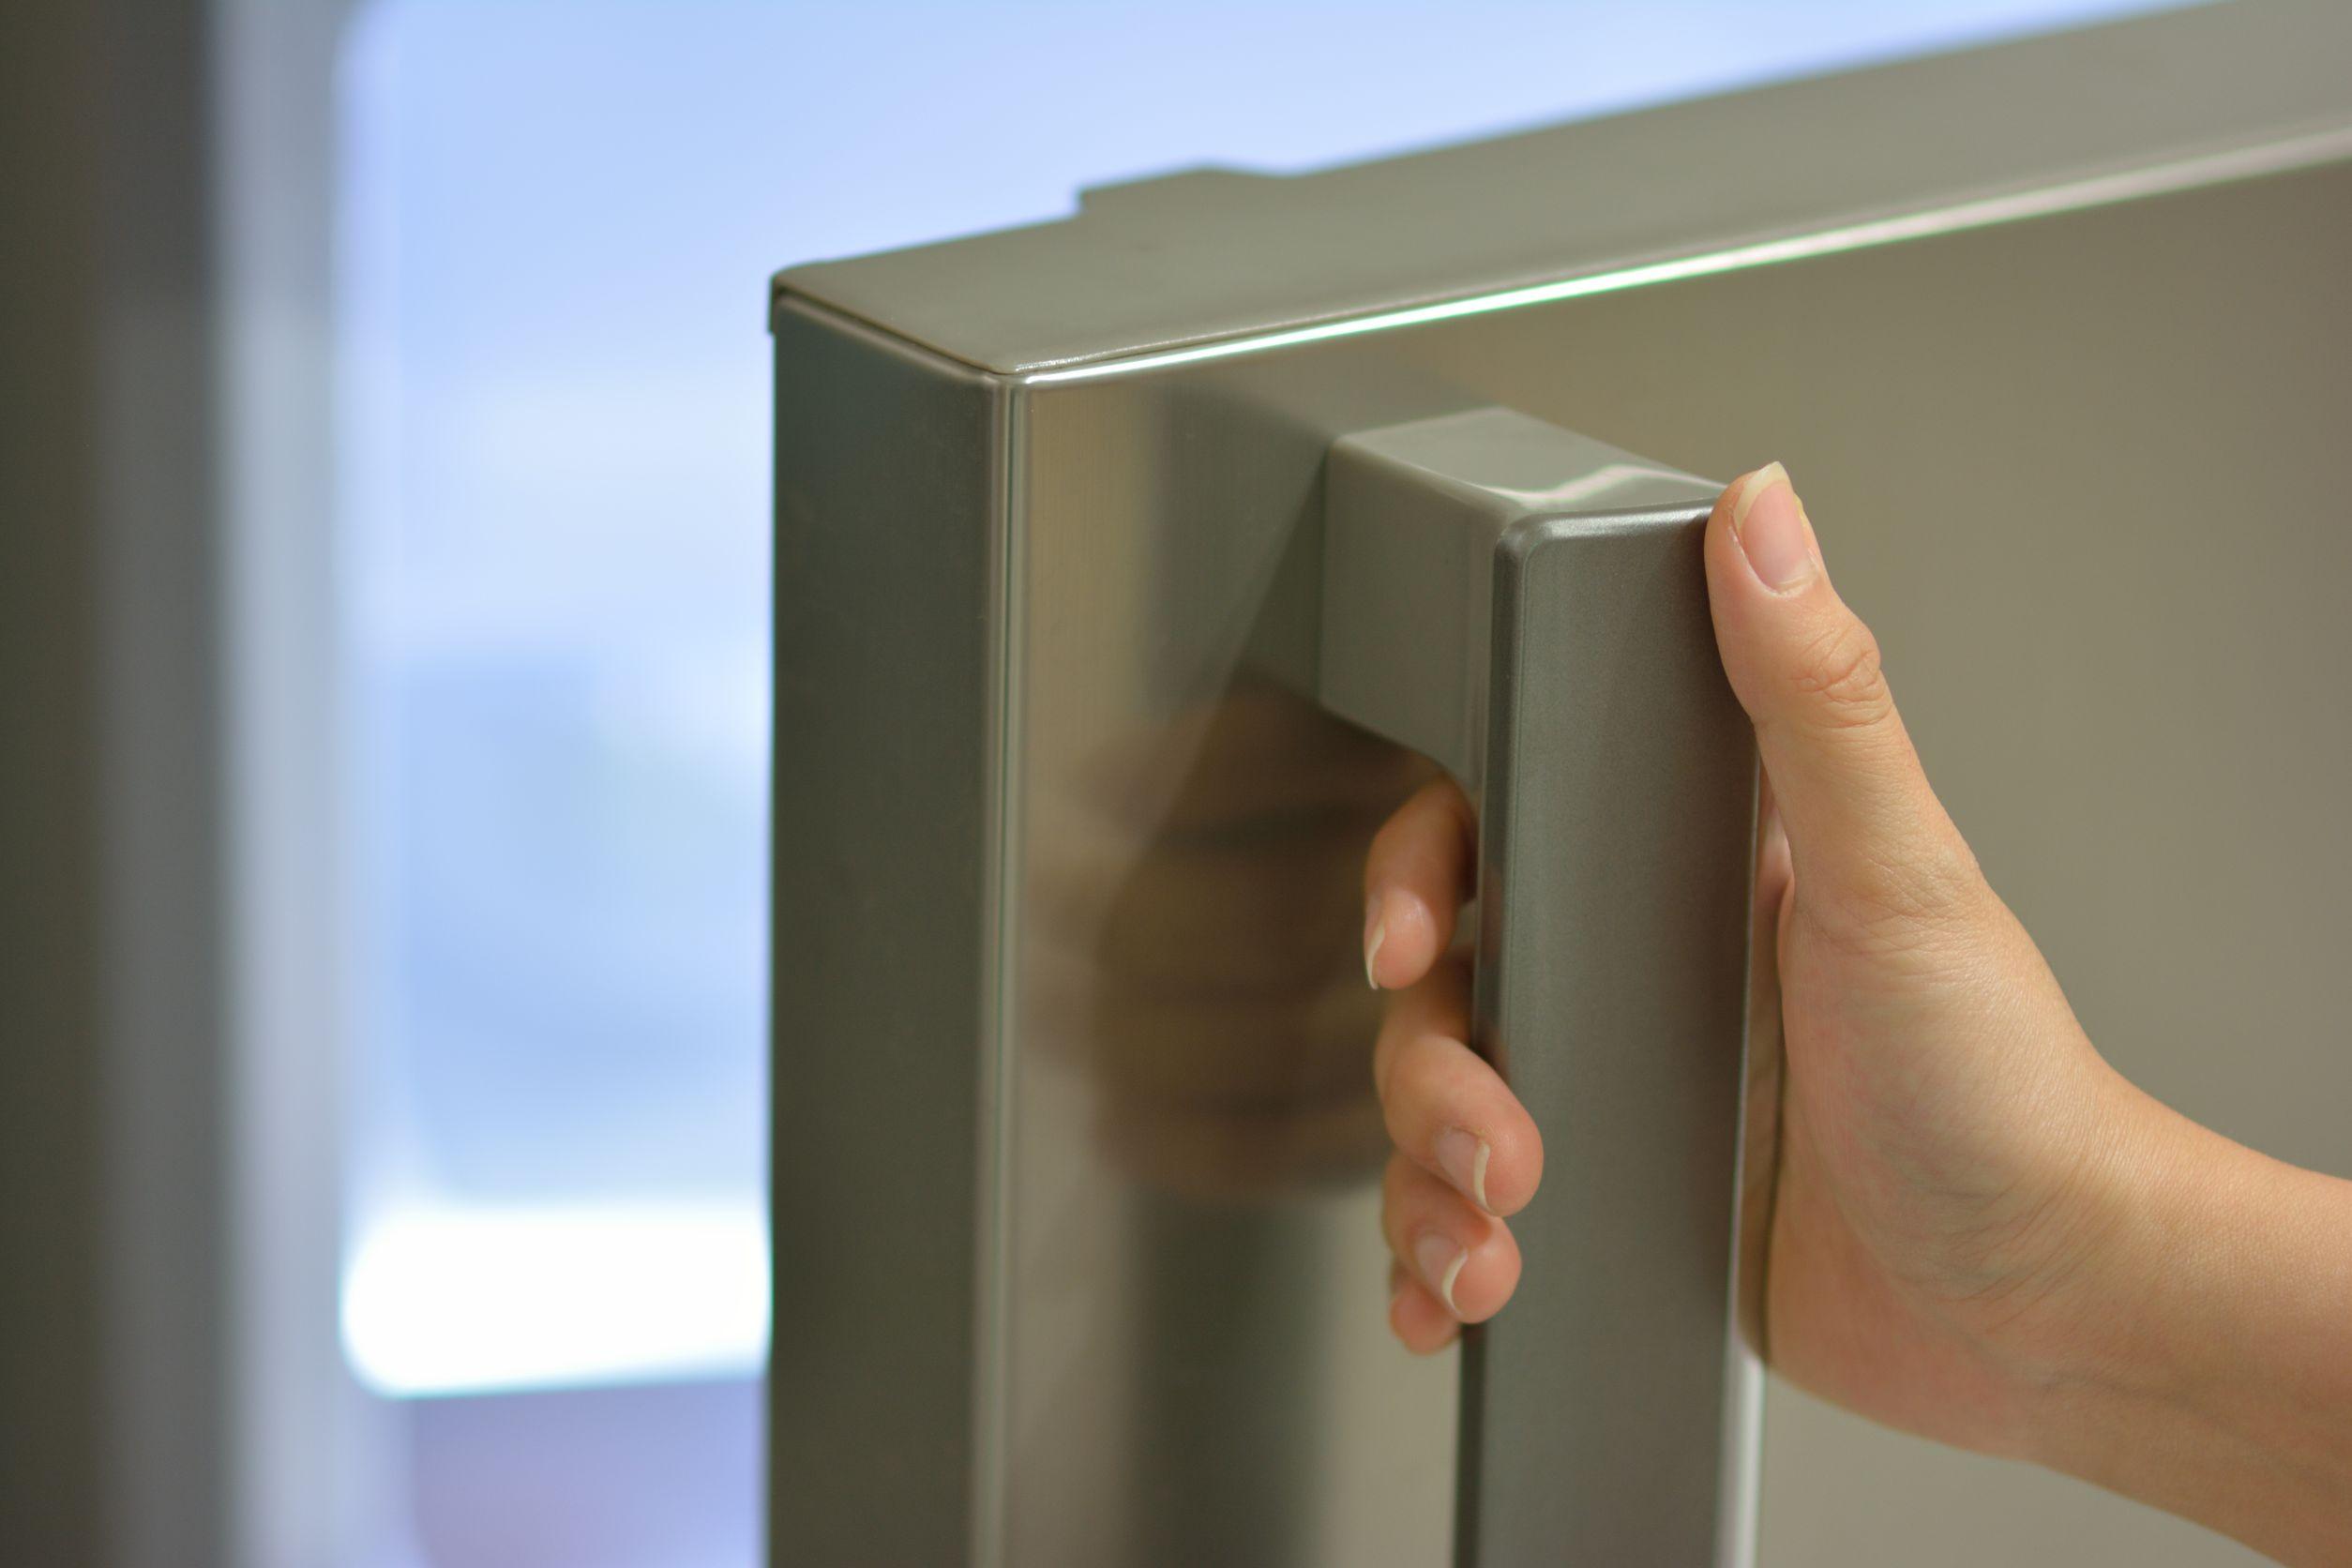 hand opening fridge door